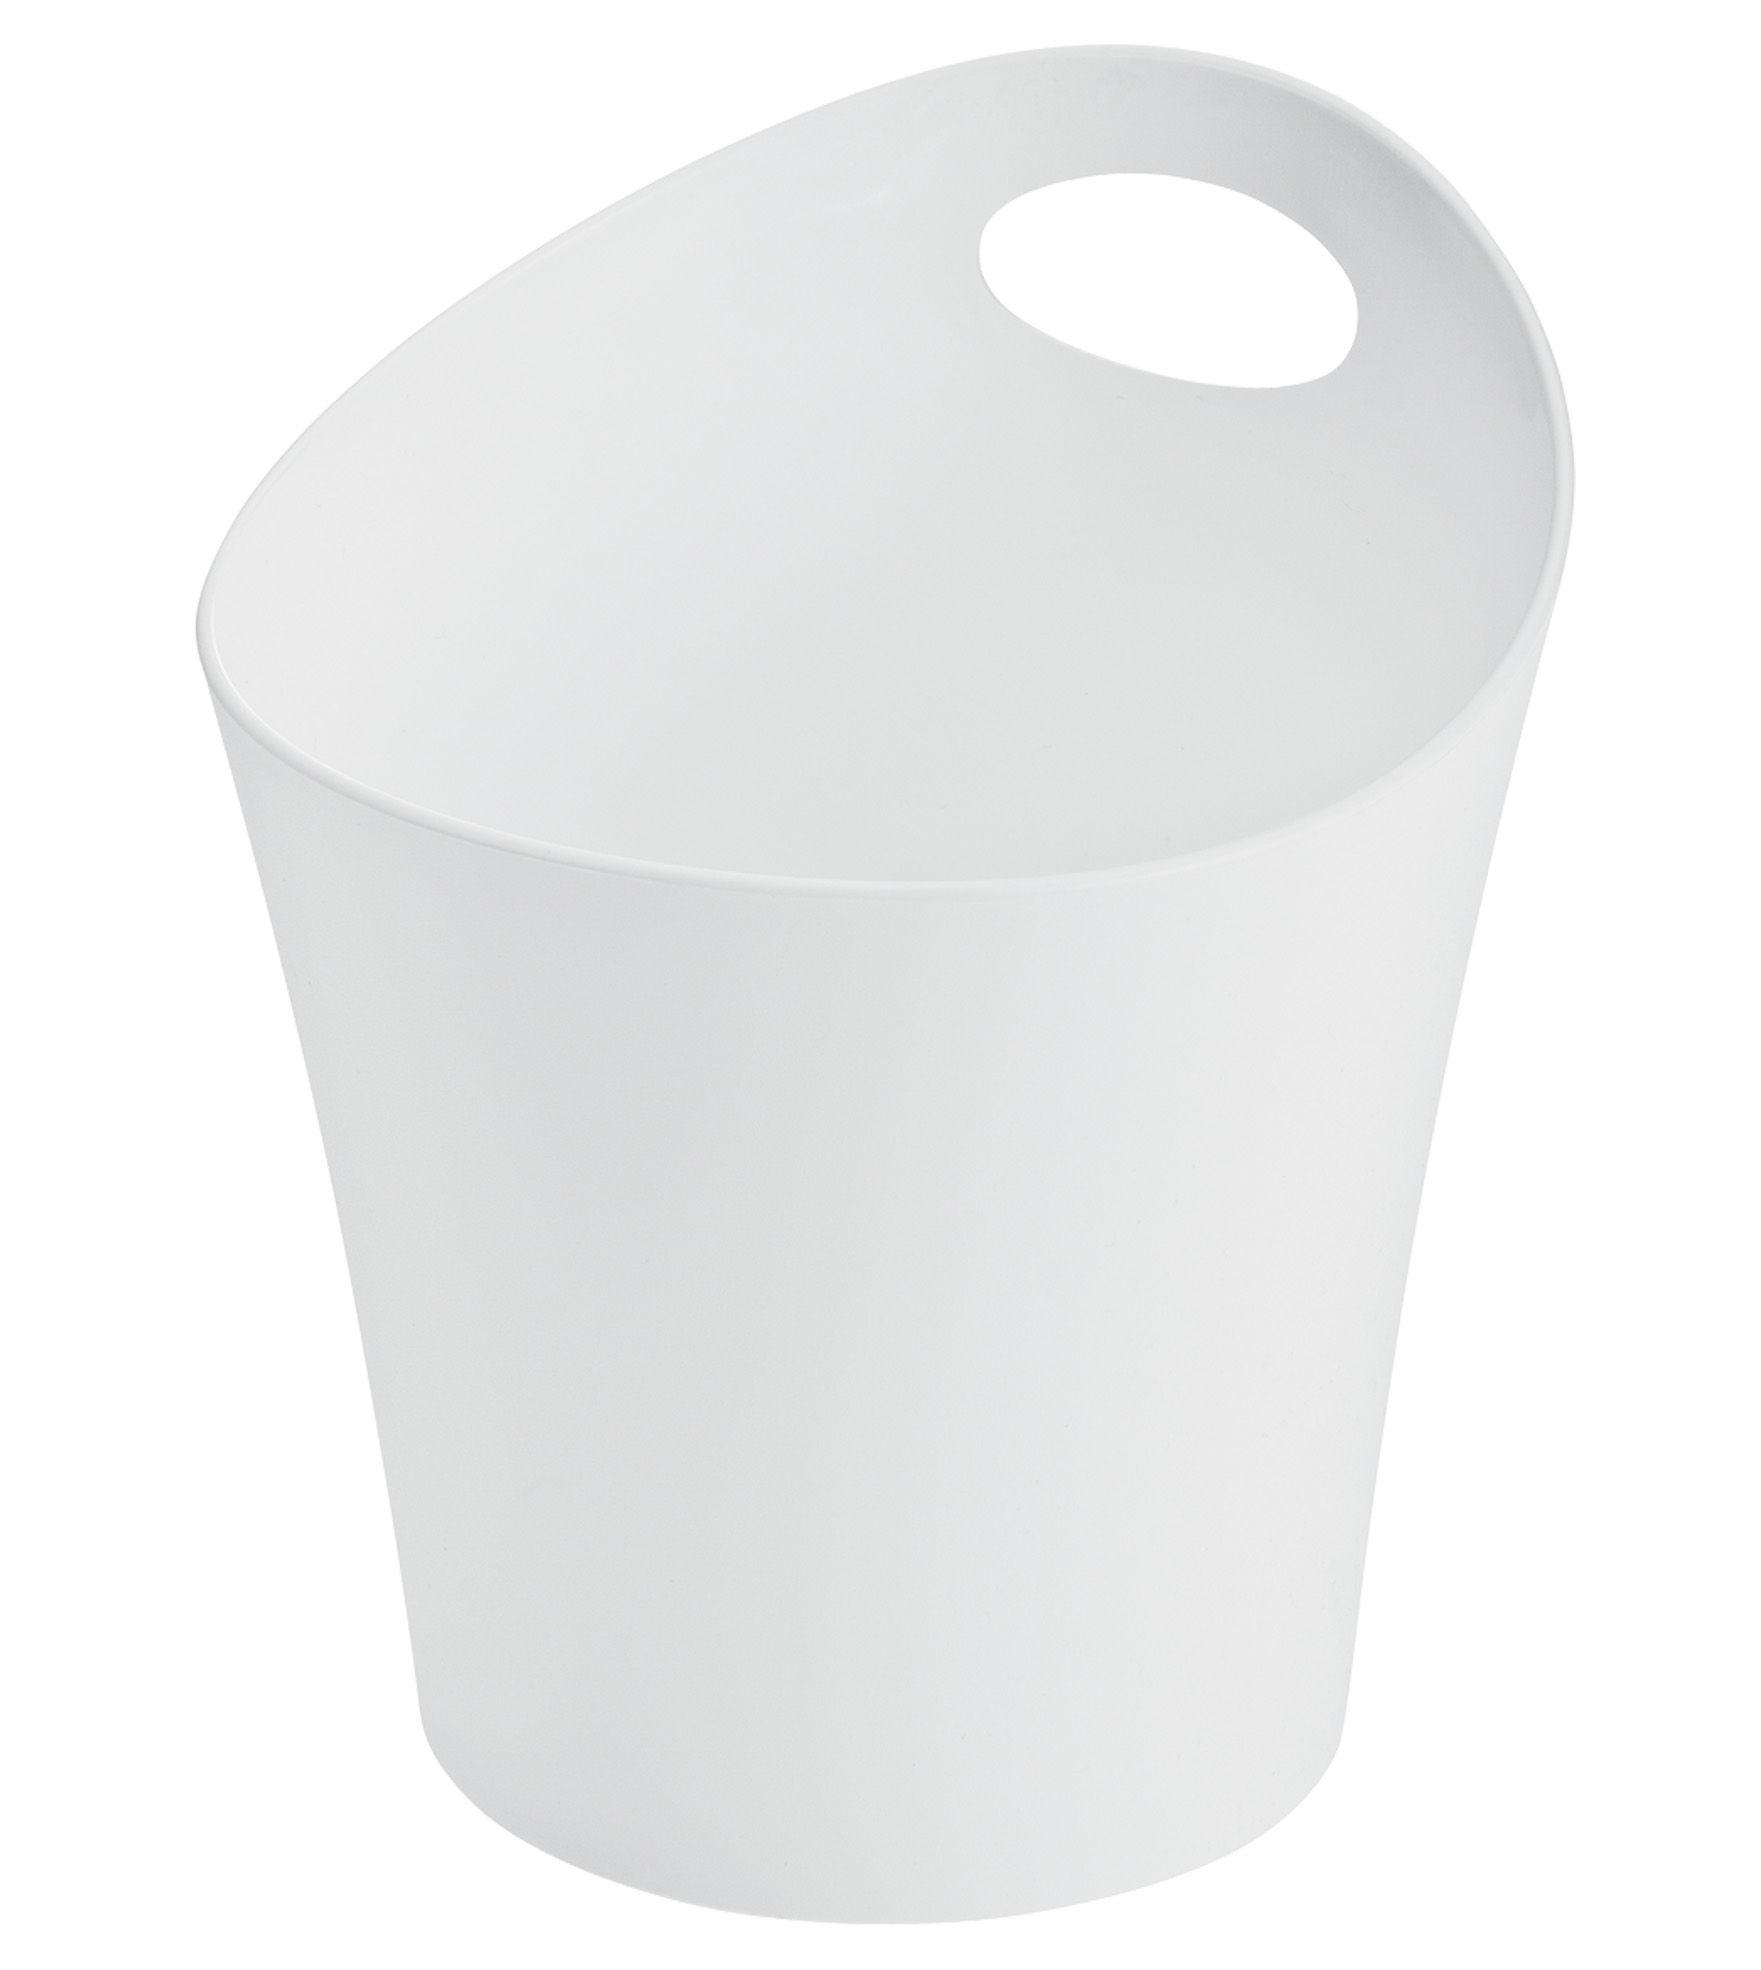 Déco - Salle de bains - Pot Pottichelli L / Cache-pot - Ø 21 x H 23 cm - Koziol - Blanc - PMMA